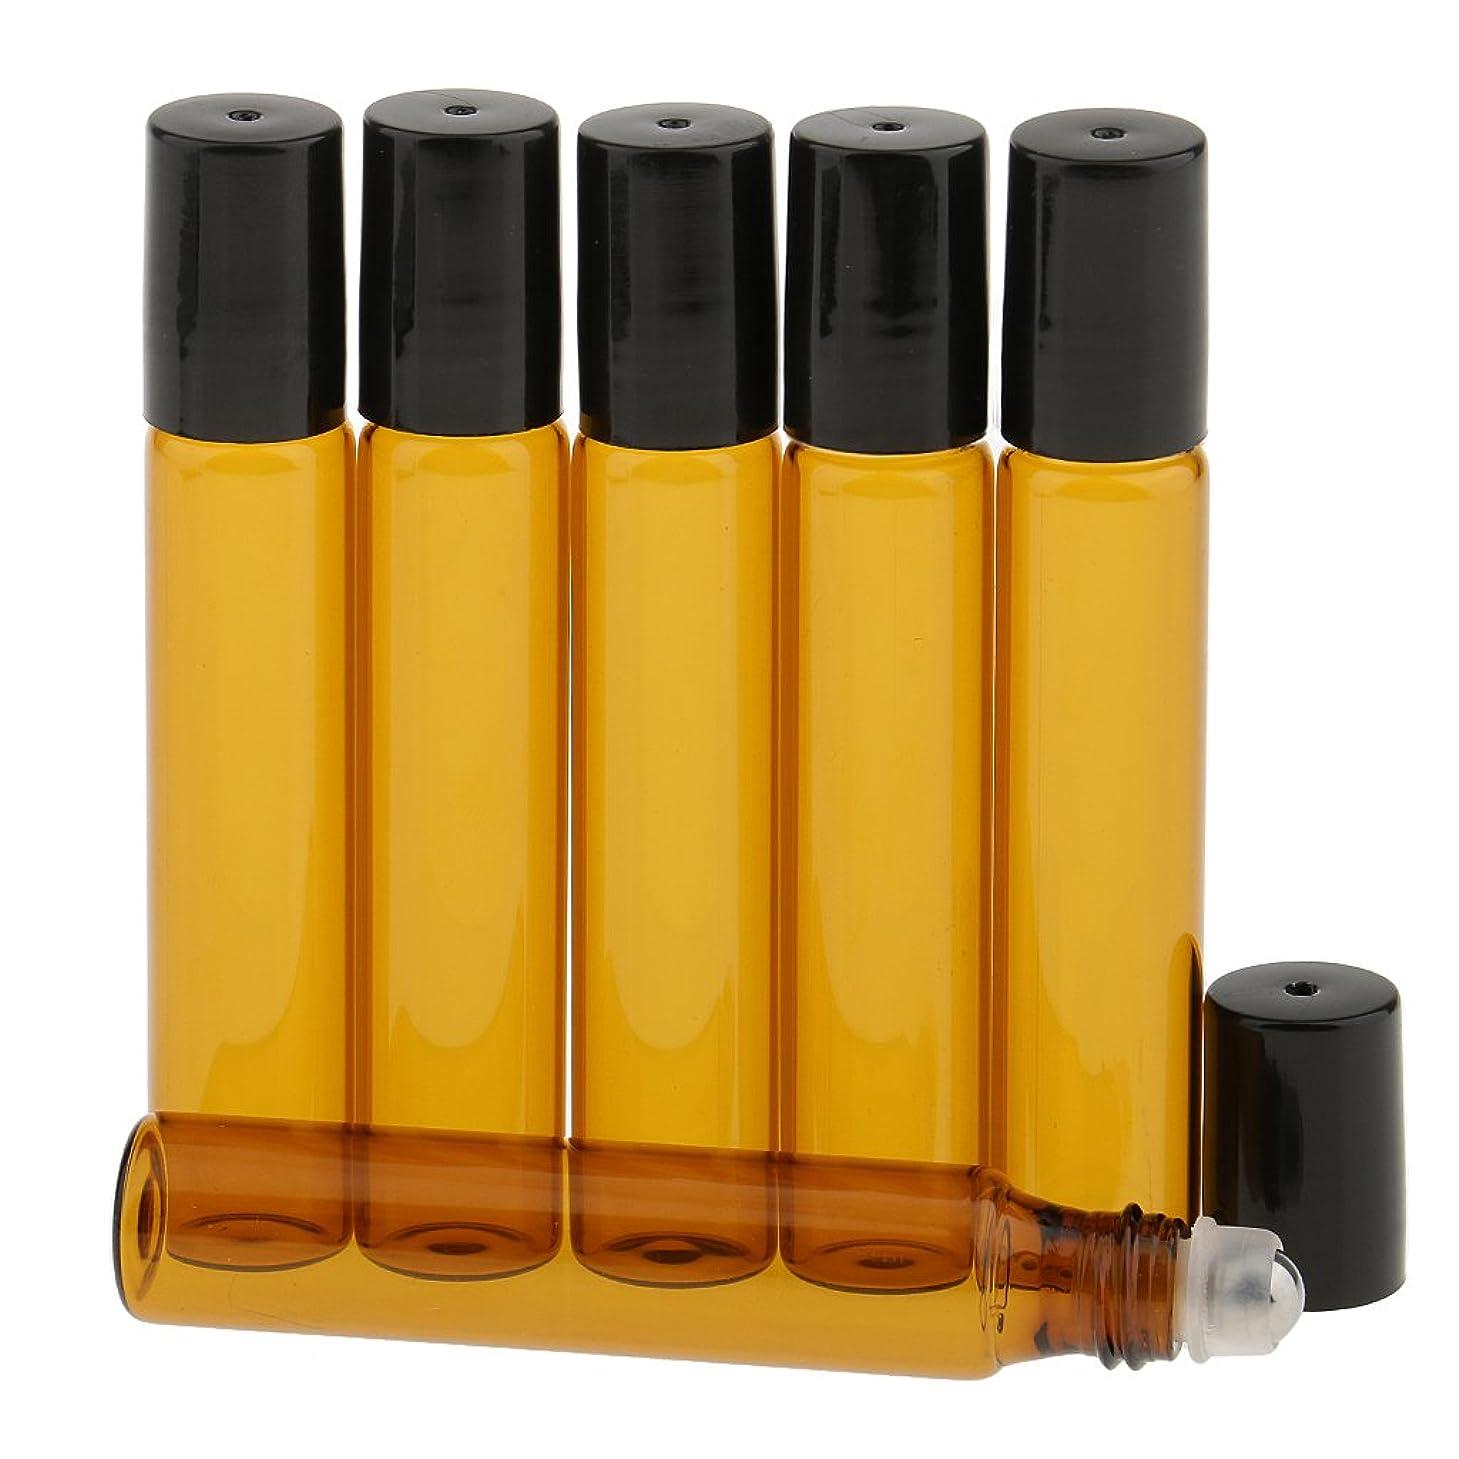 操作バン定規T TOOYFUL 香水分装 化粧ボトル ガラスロール 詰め替え可能 旅行用 光避けデザイン 6本入り